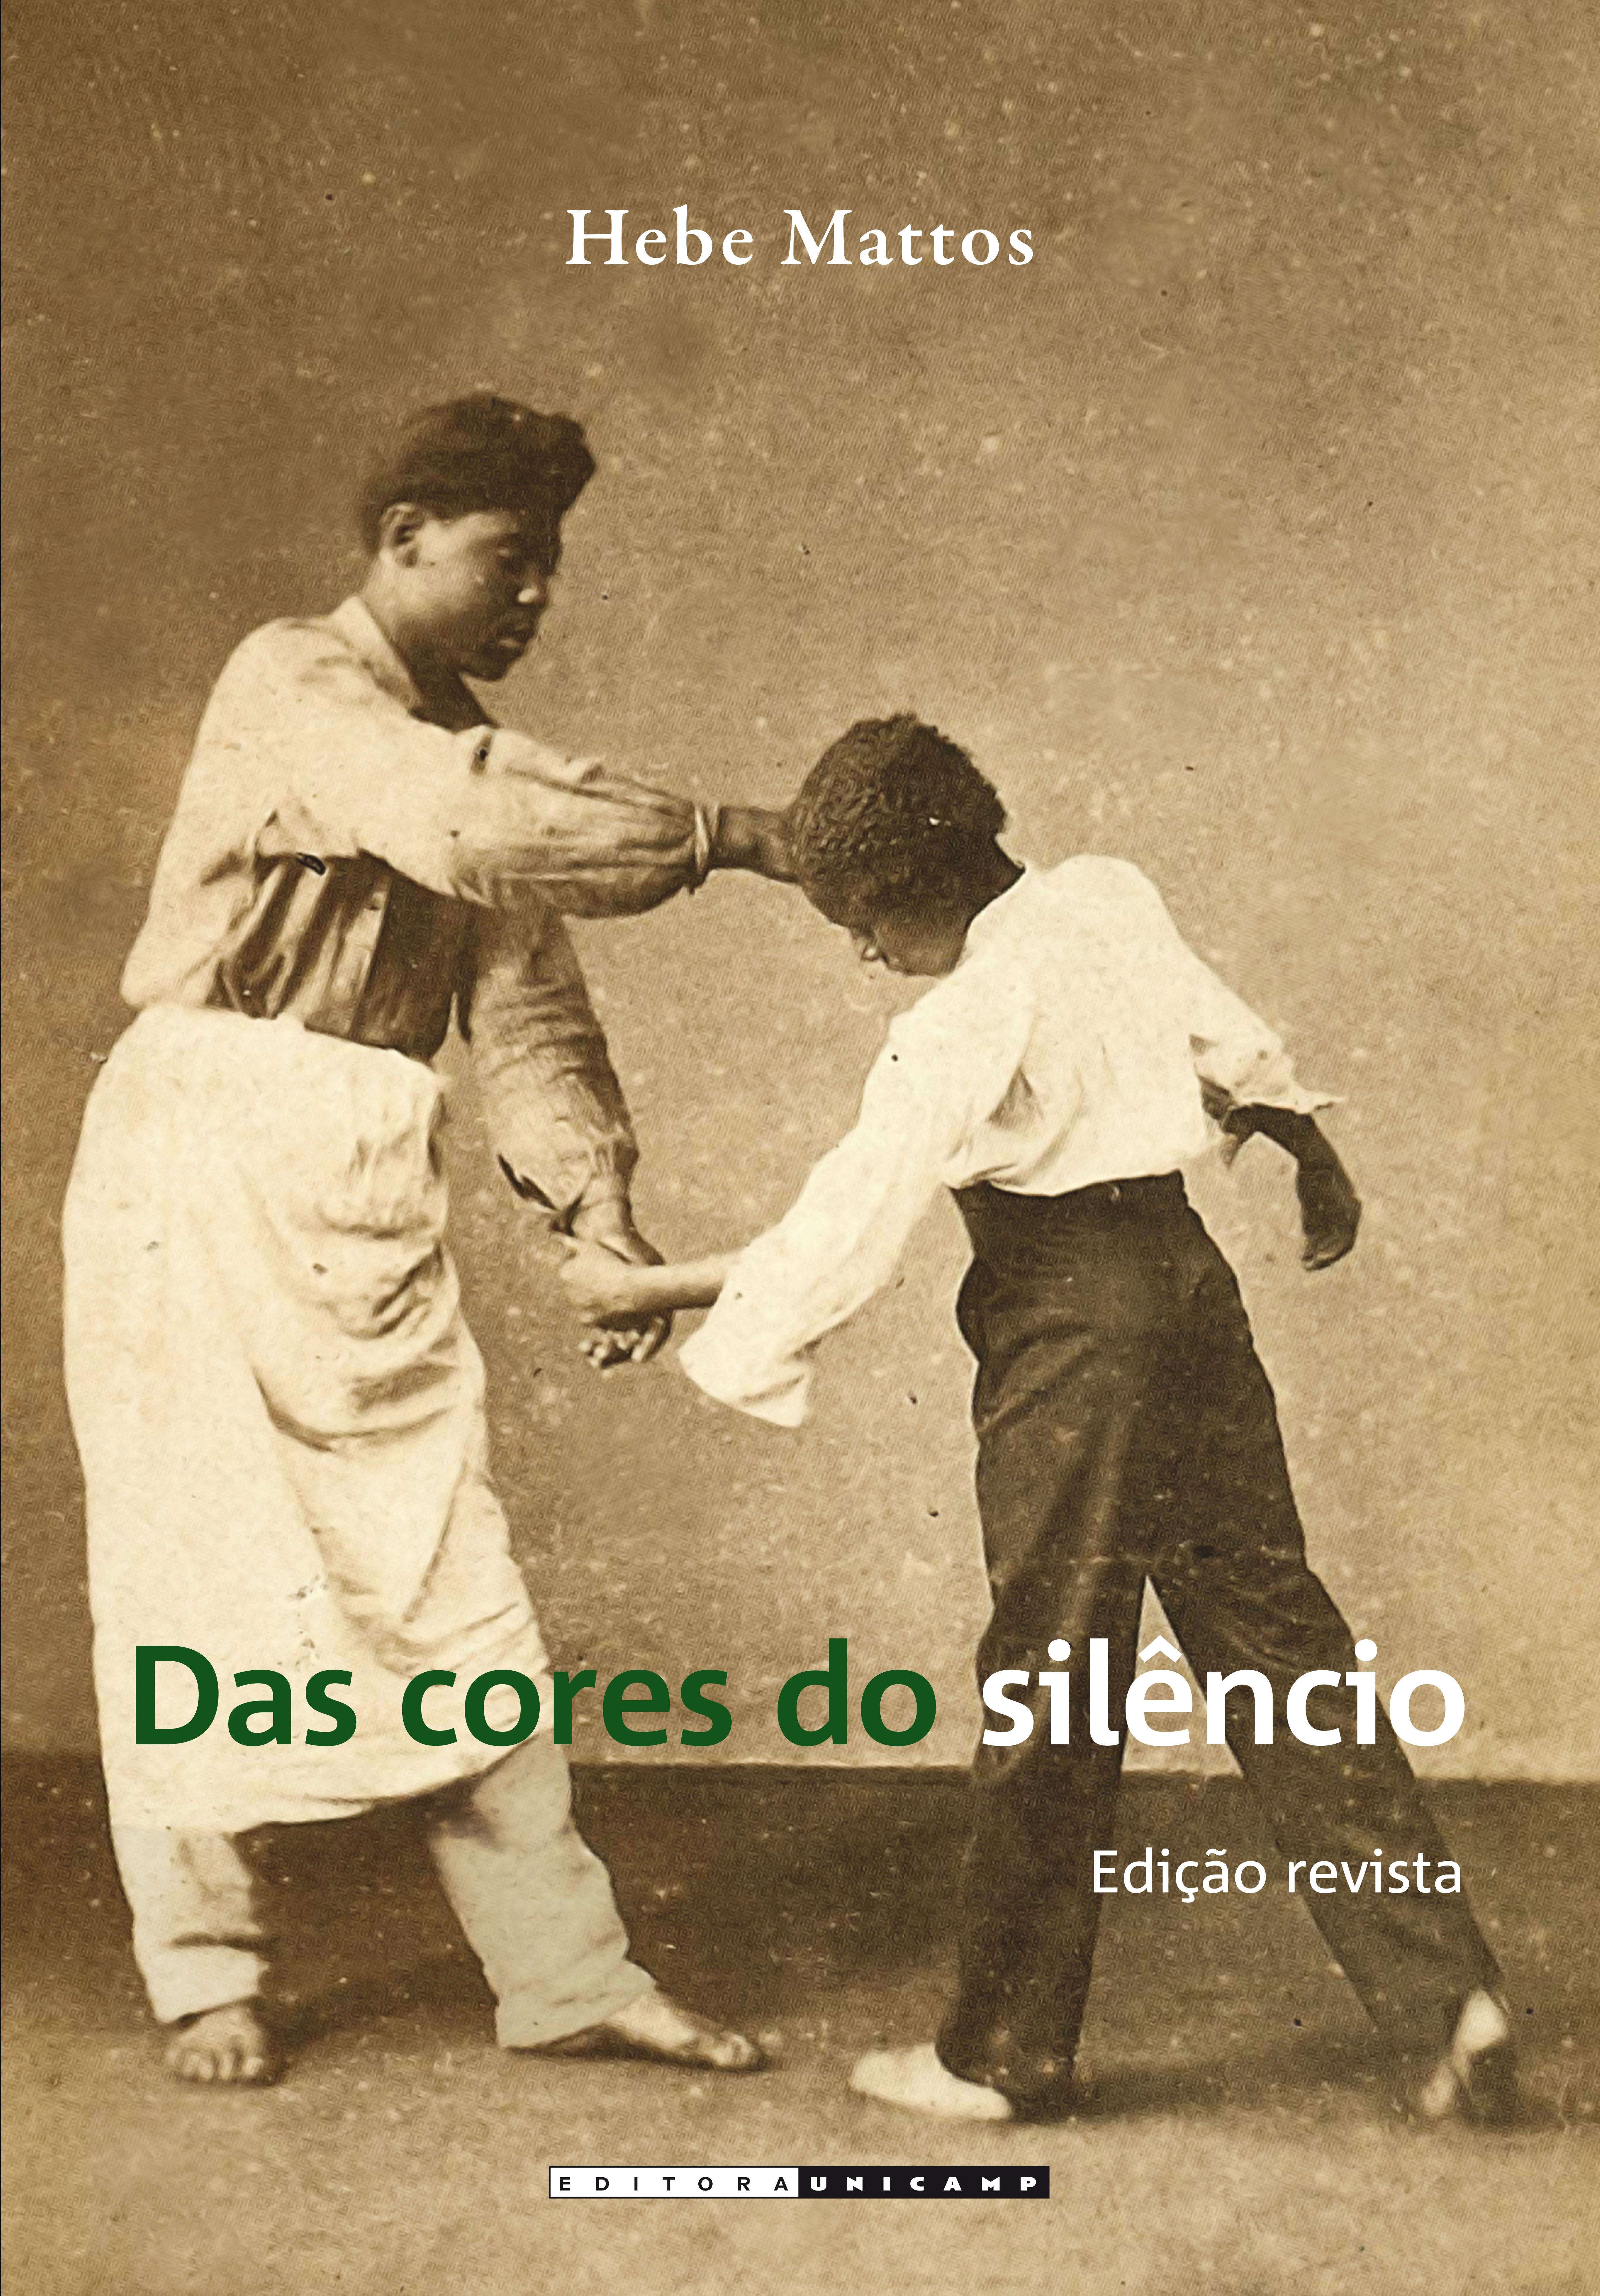 Das cores do silêncio, livro de Hebe Mattos